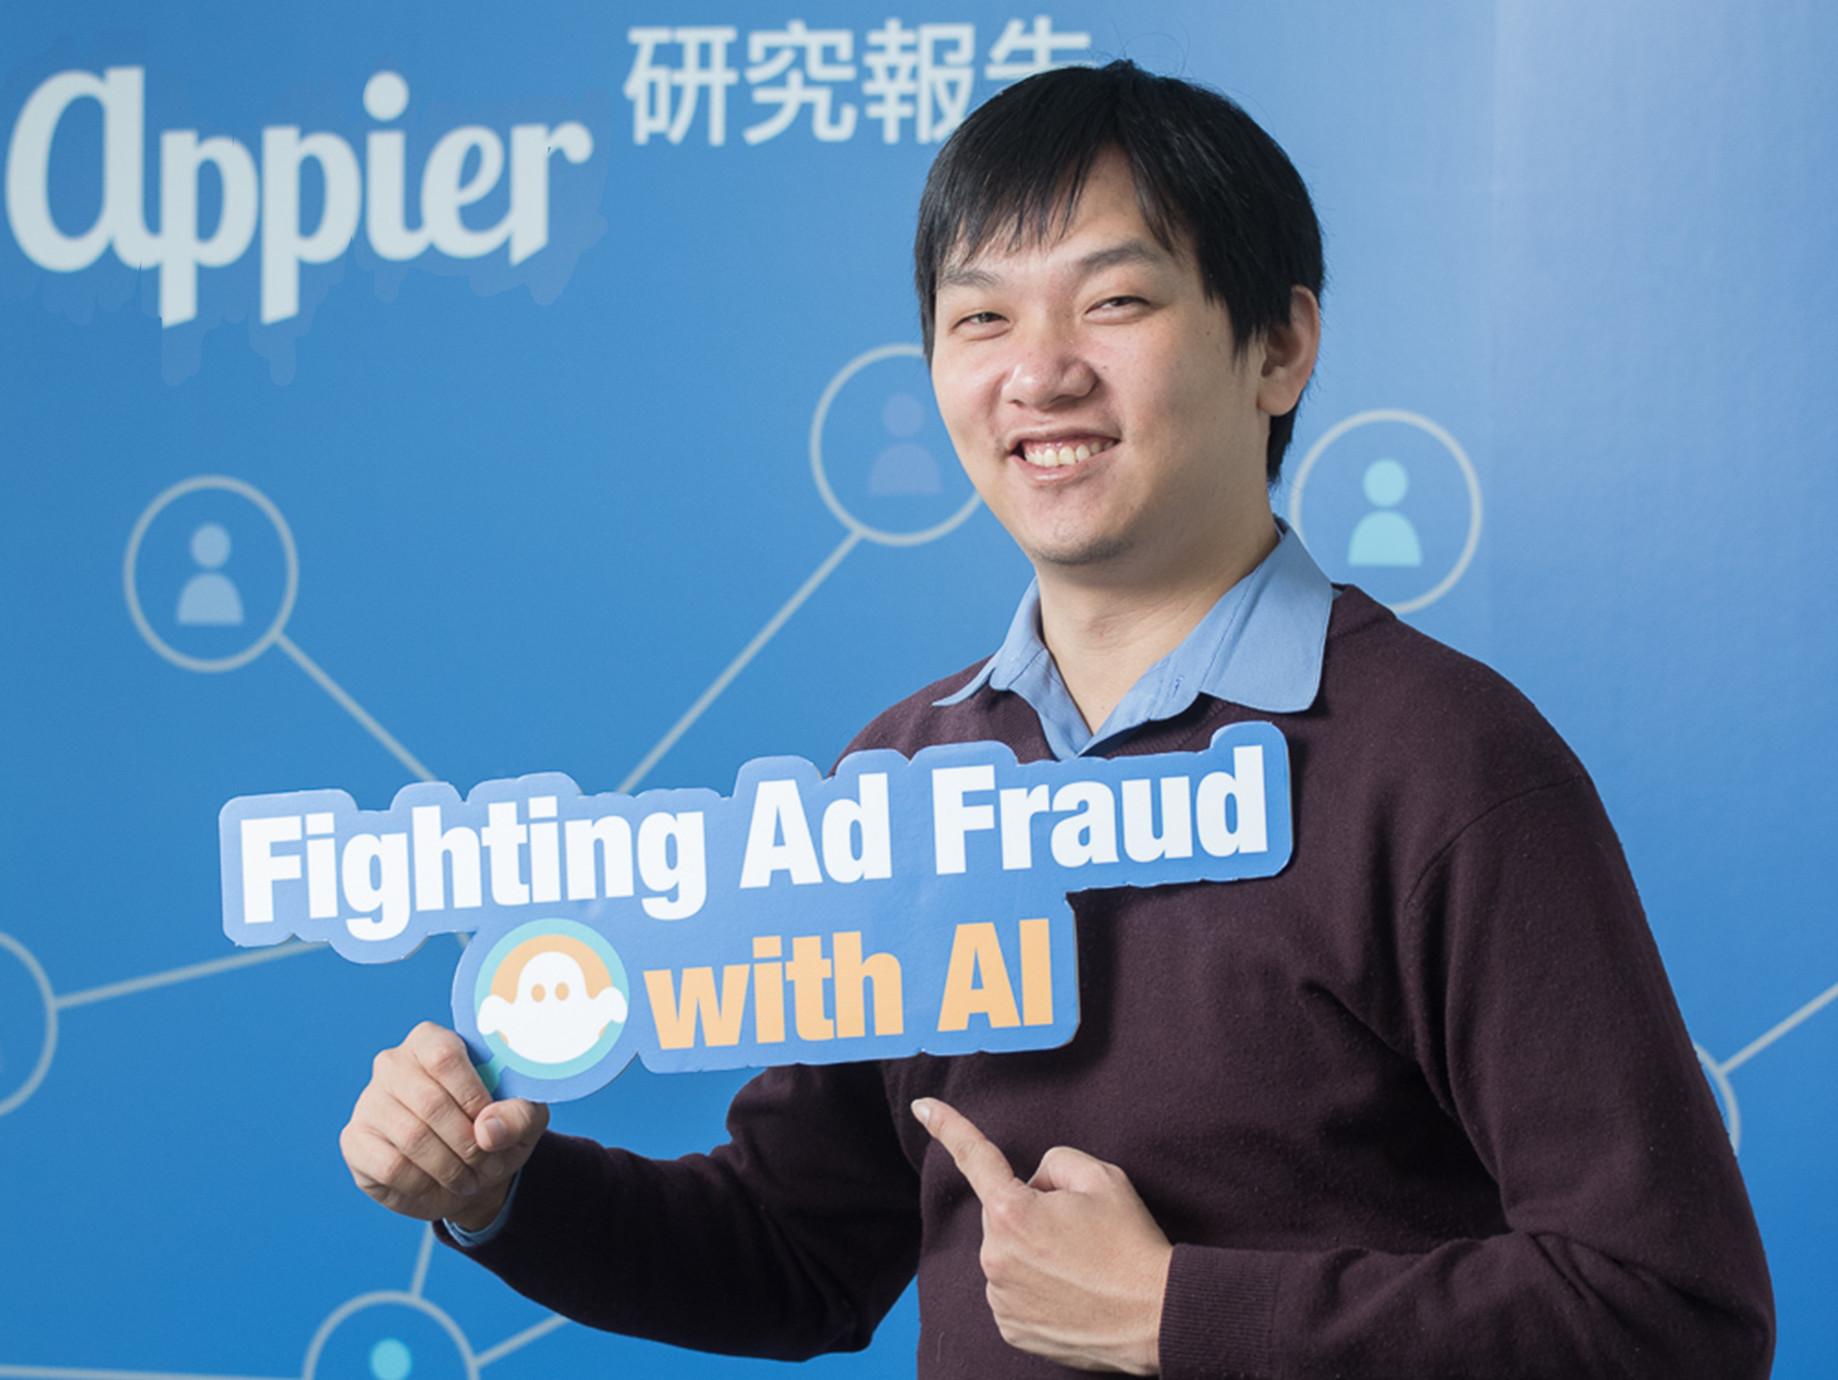 全球每年65億美元損失!5張圖解析為什麼數位廣告詐騙需要AI救援